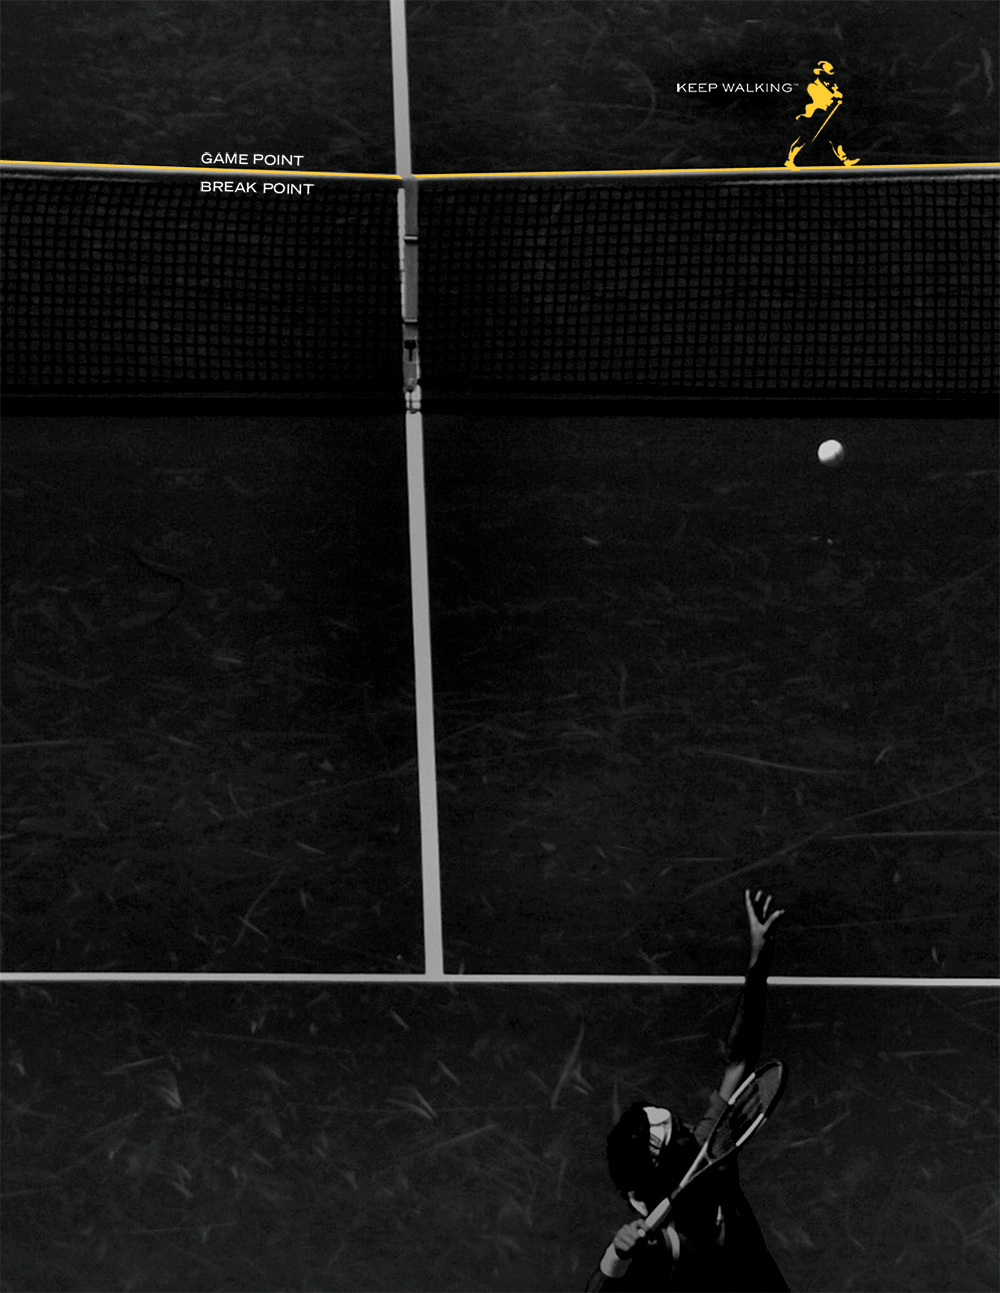 tennis_5_1.jpg